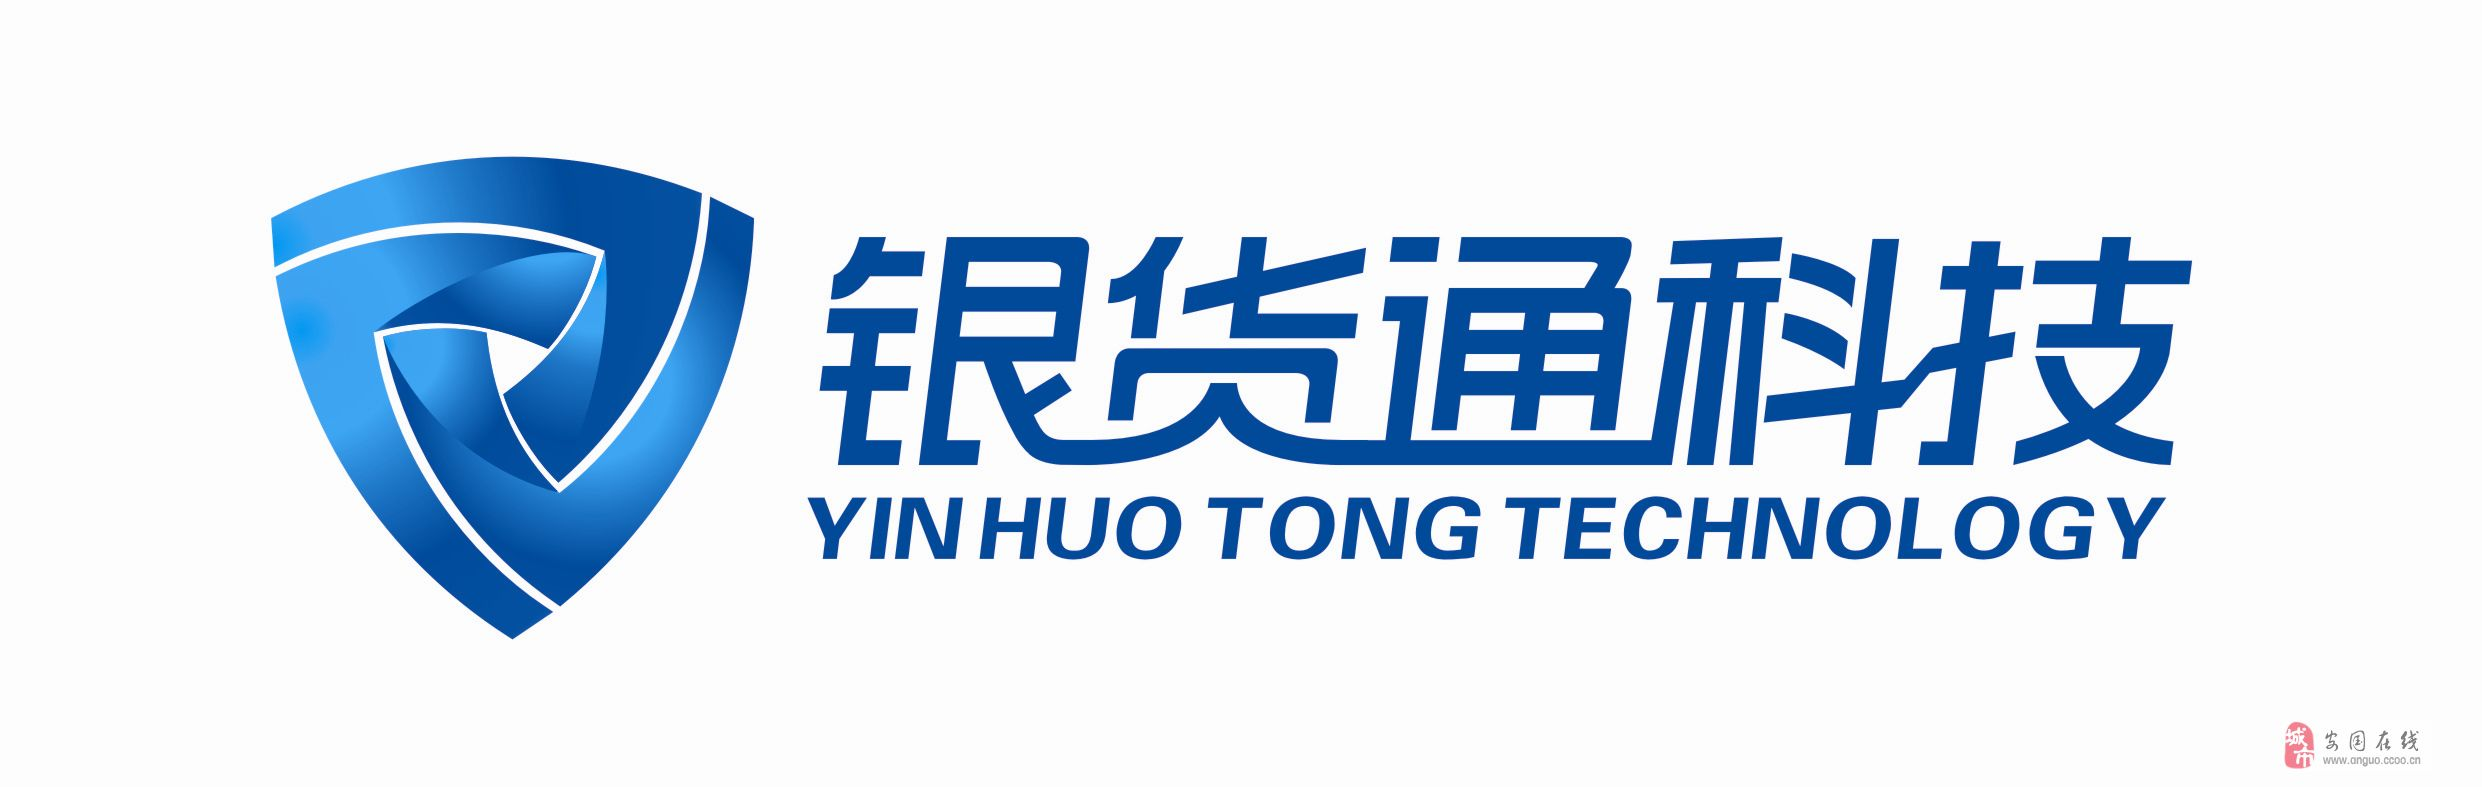 杭州银货通_杭州银货通科技-安国分公司-客户经理